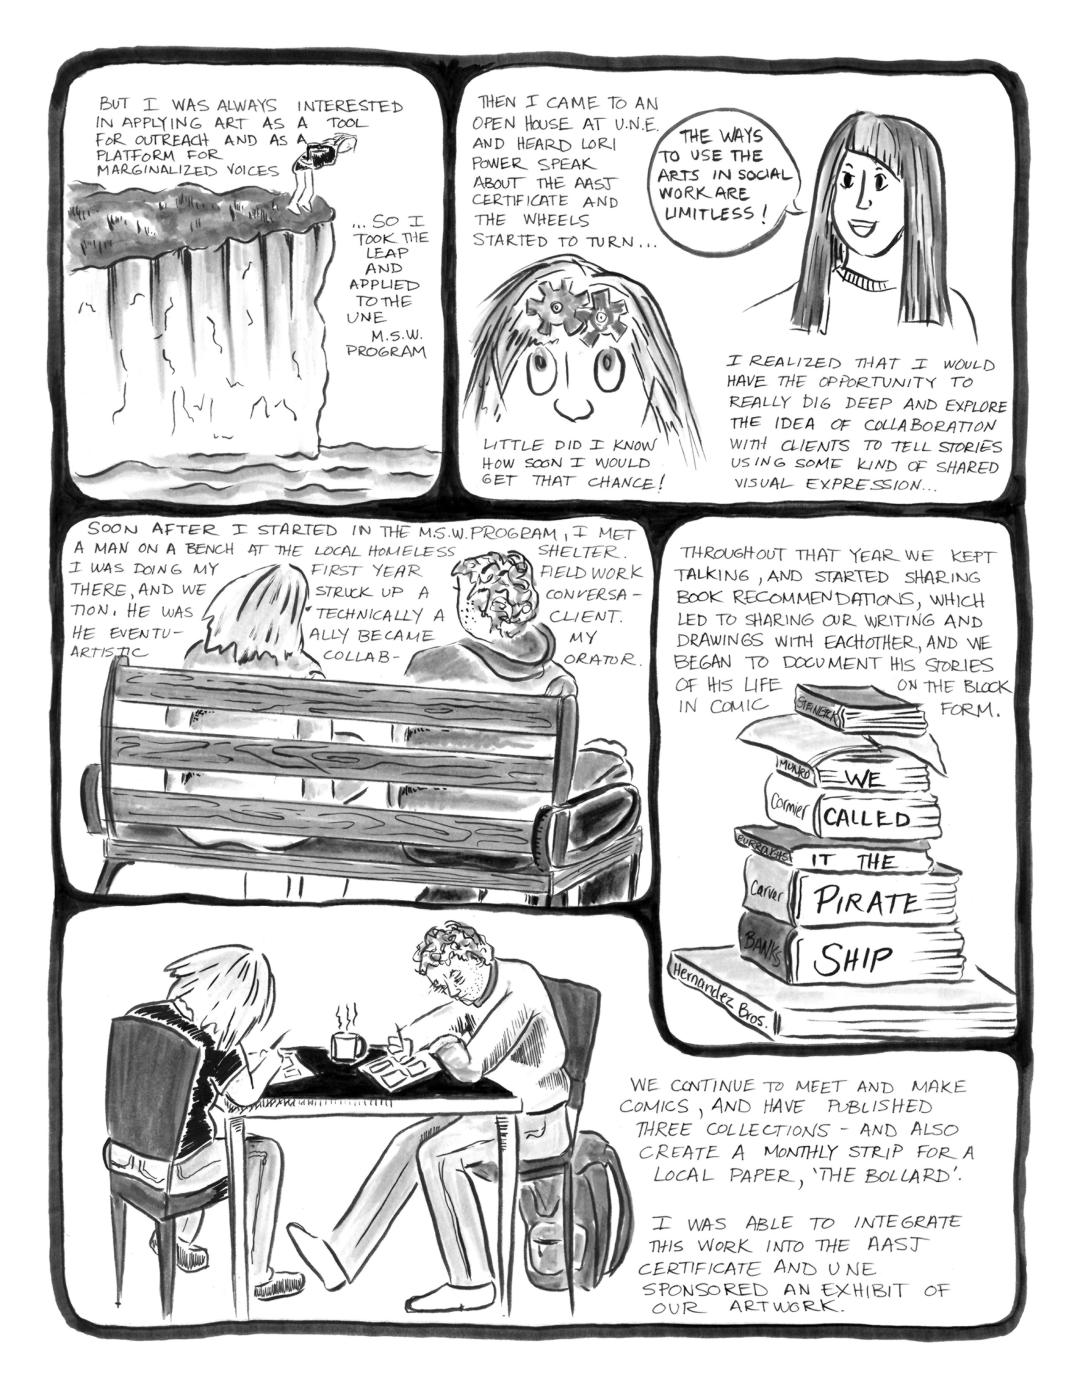 AASJ_Comic_112718_Page_5